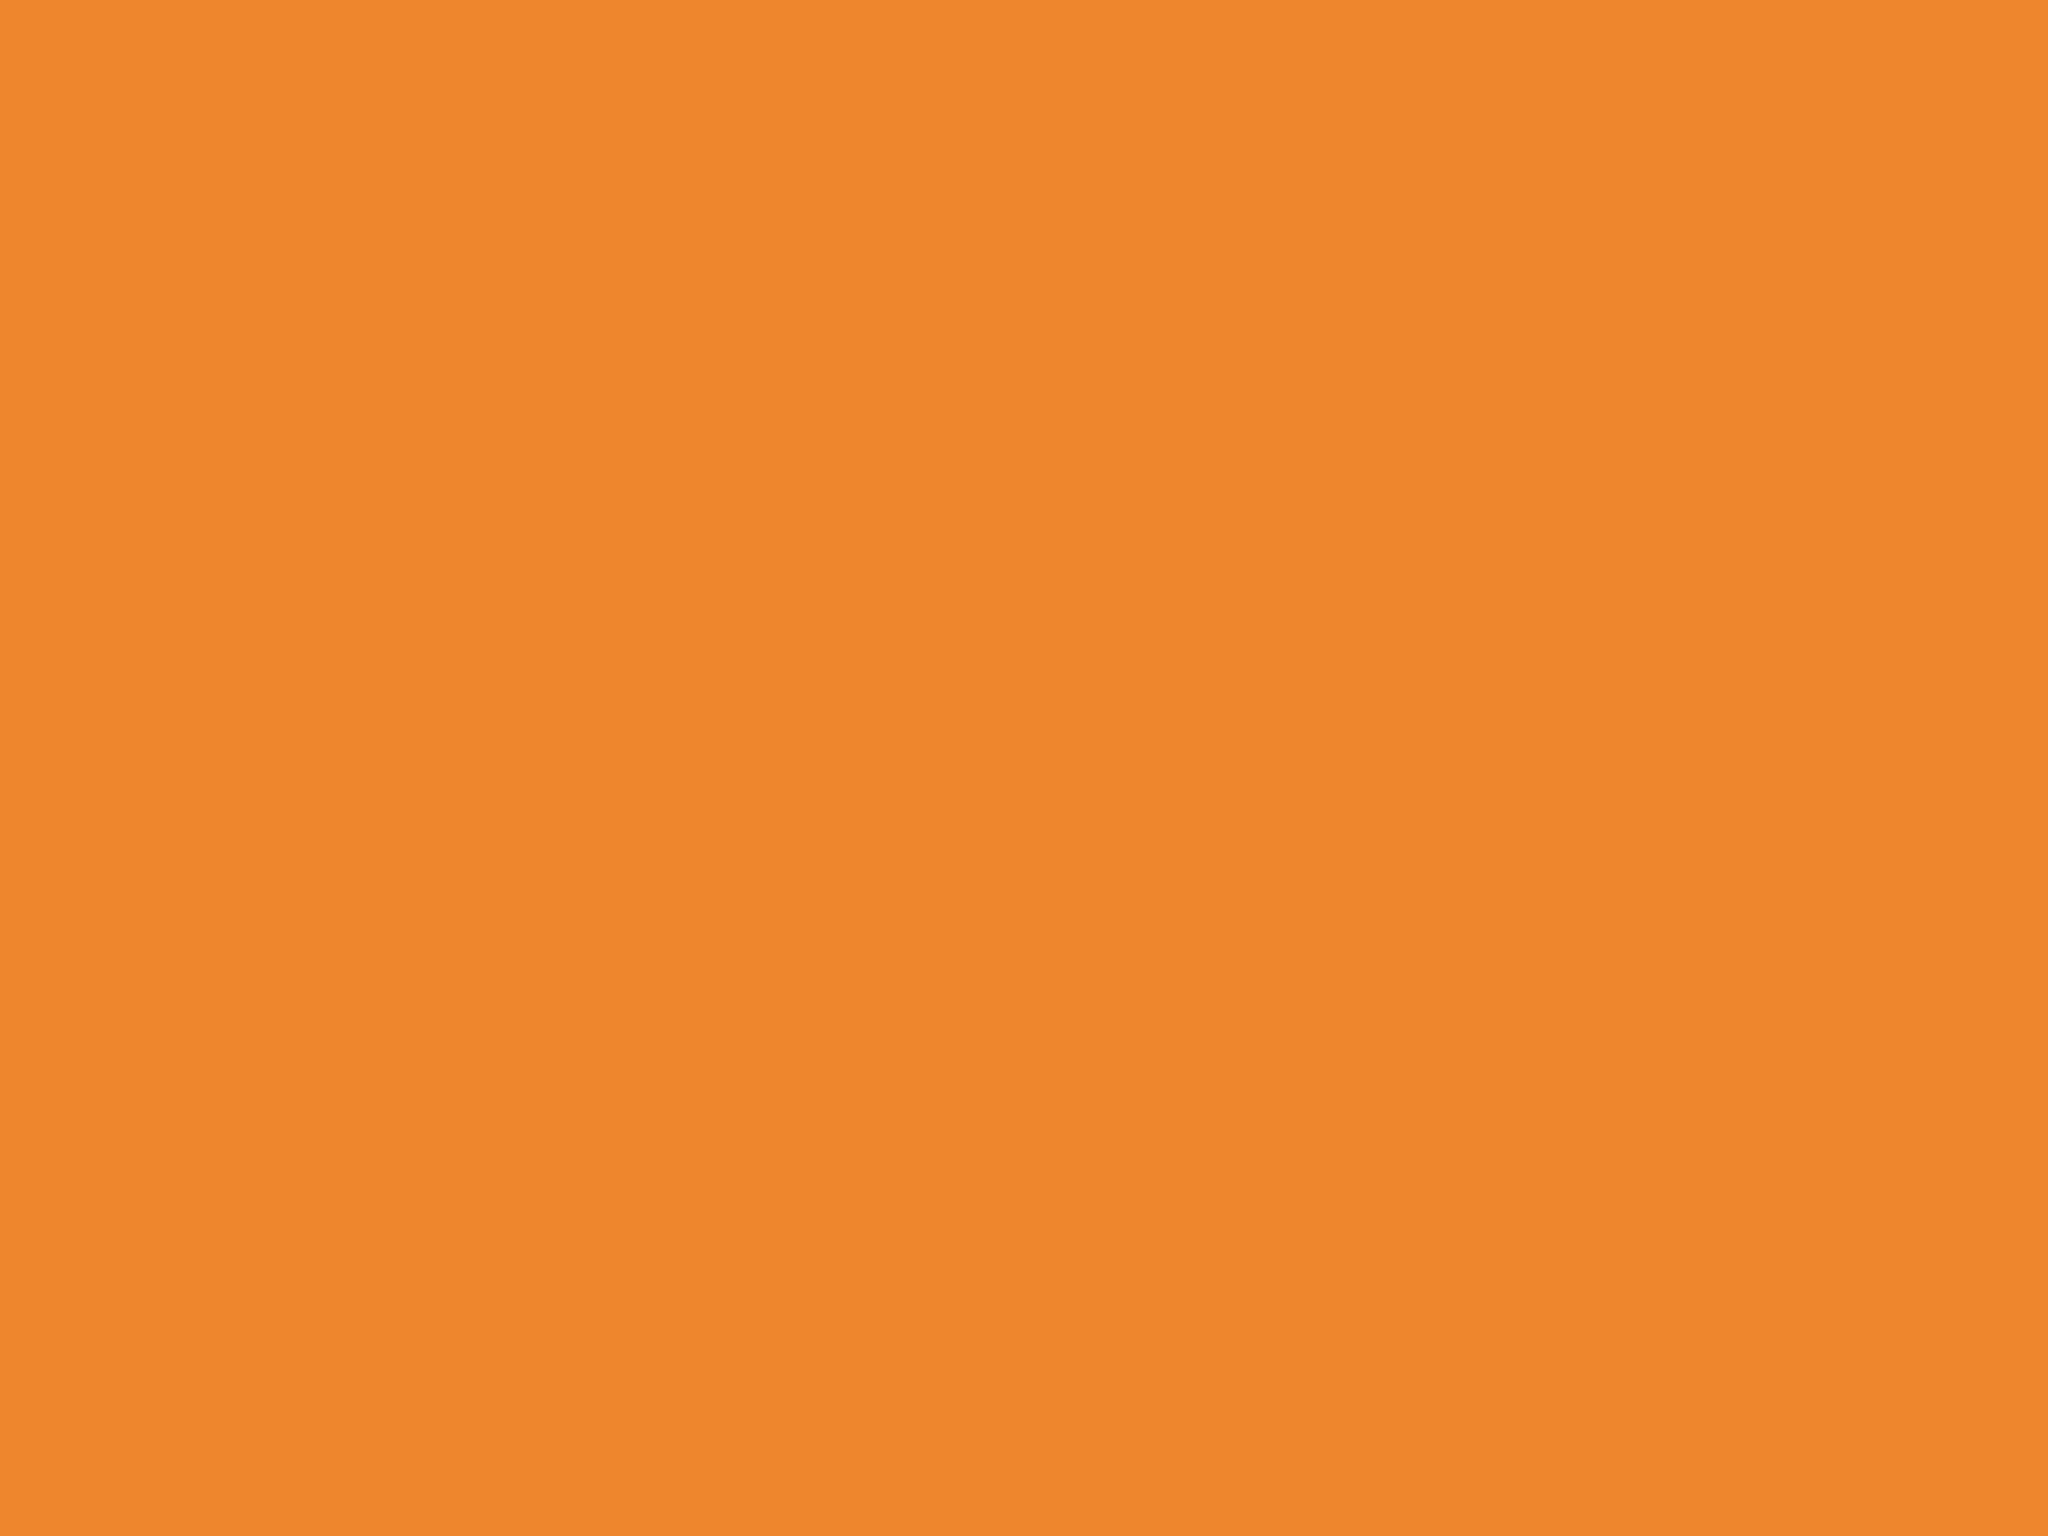 2048x1536 Cadmium Orange Solid Color Background